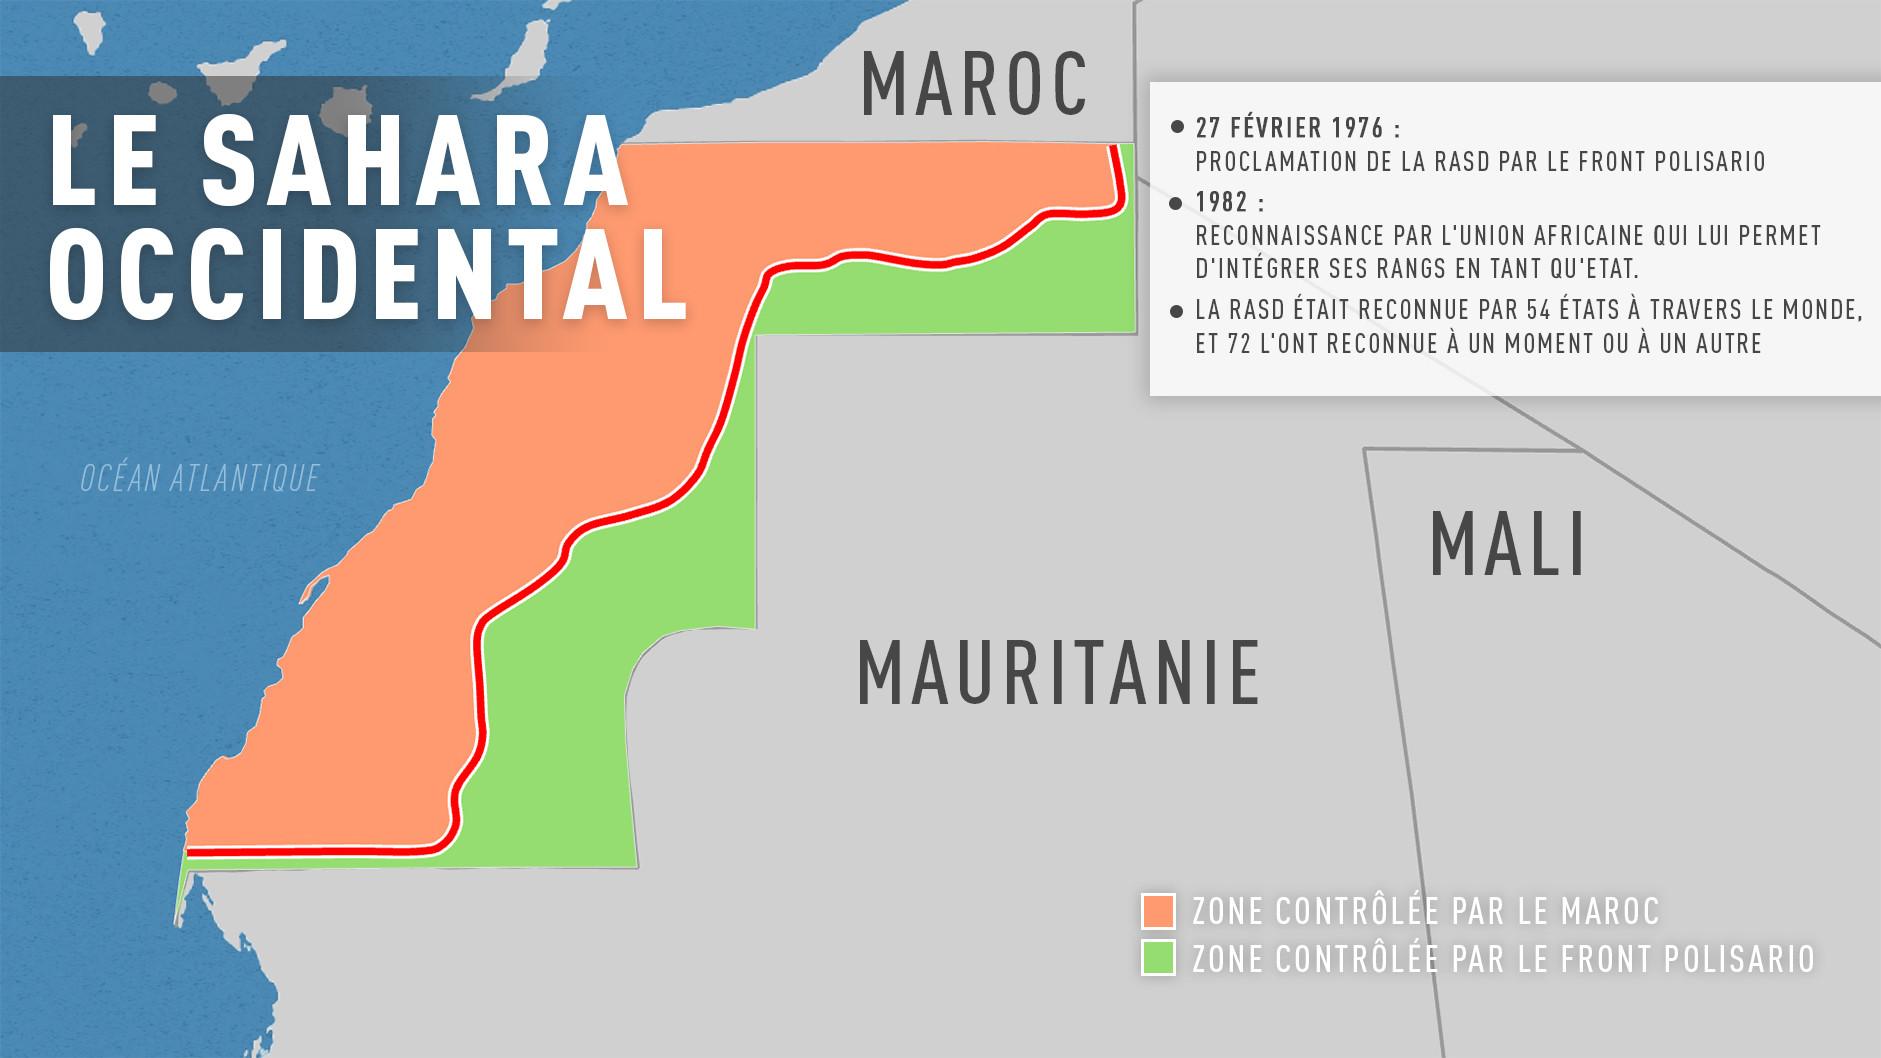 Union Africaine : le Sahara occidental de nouveau au cœur des tensions entre le Maroc et l'Algérie